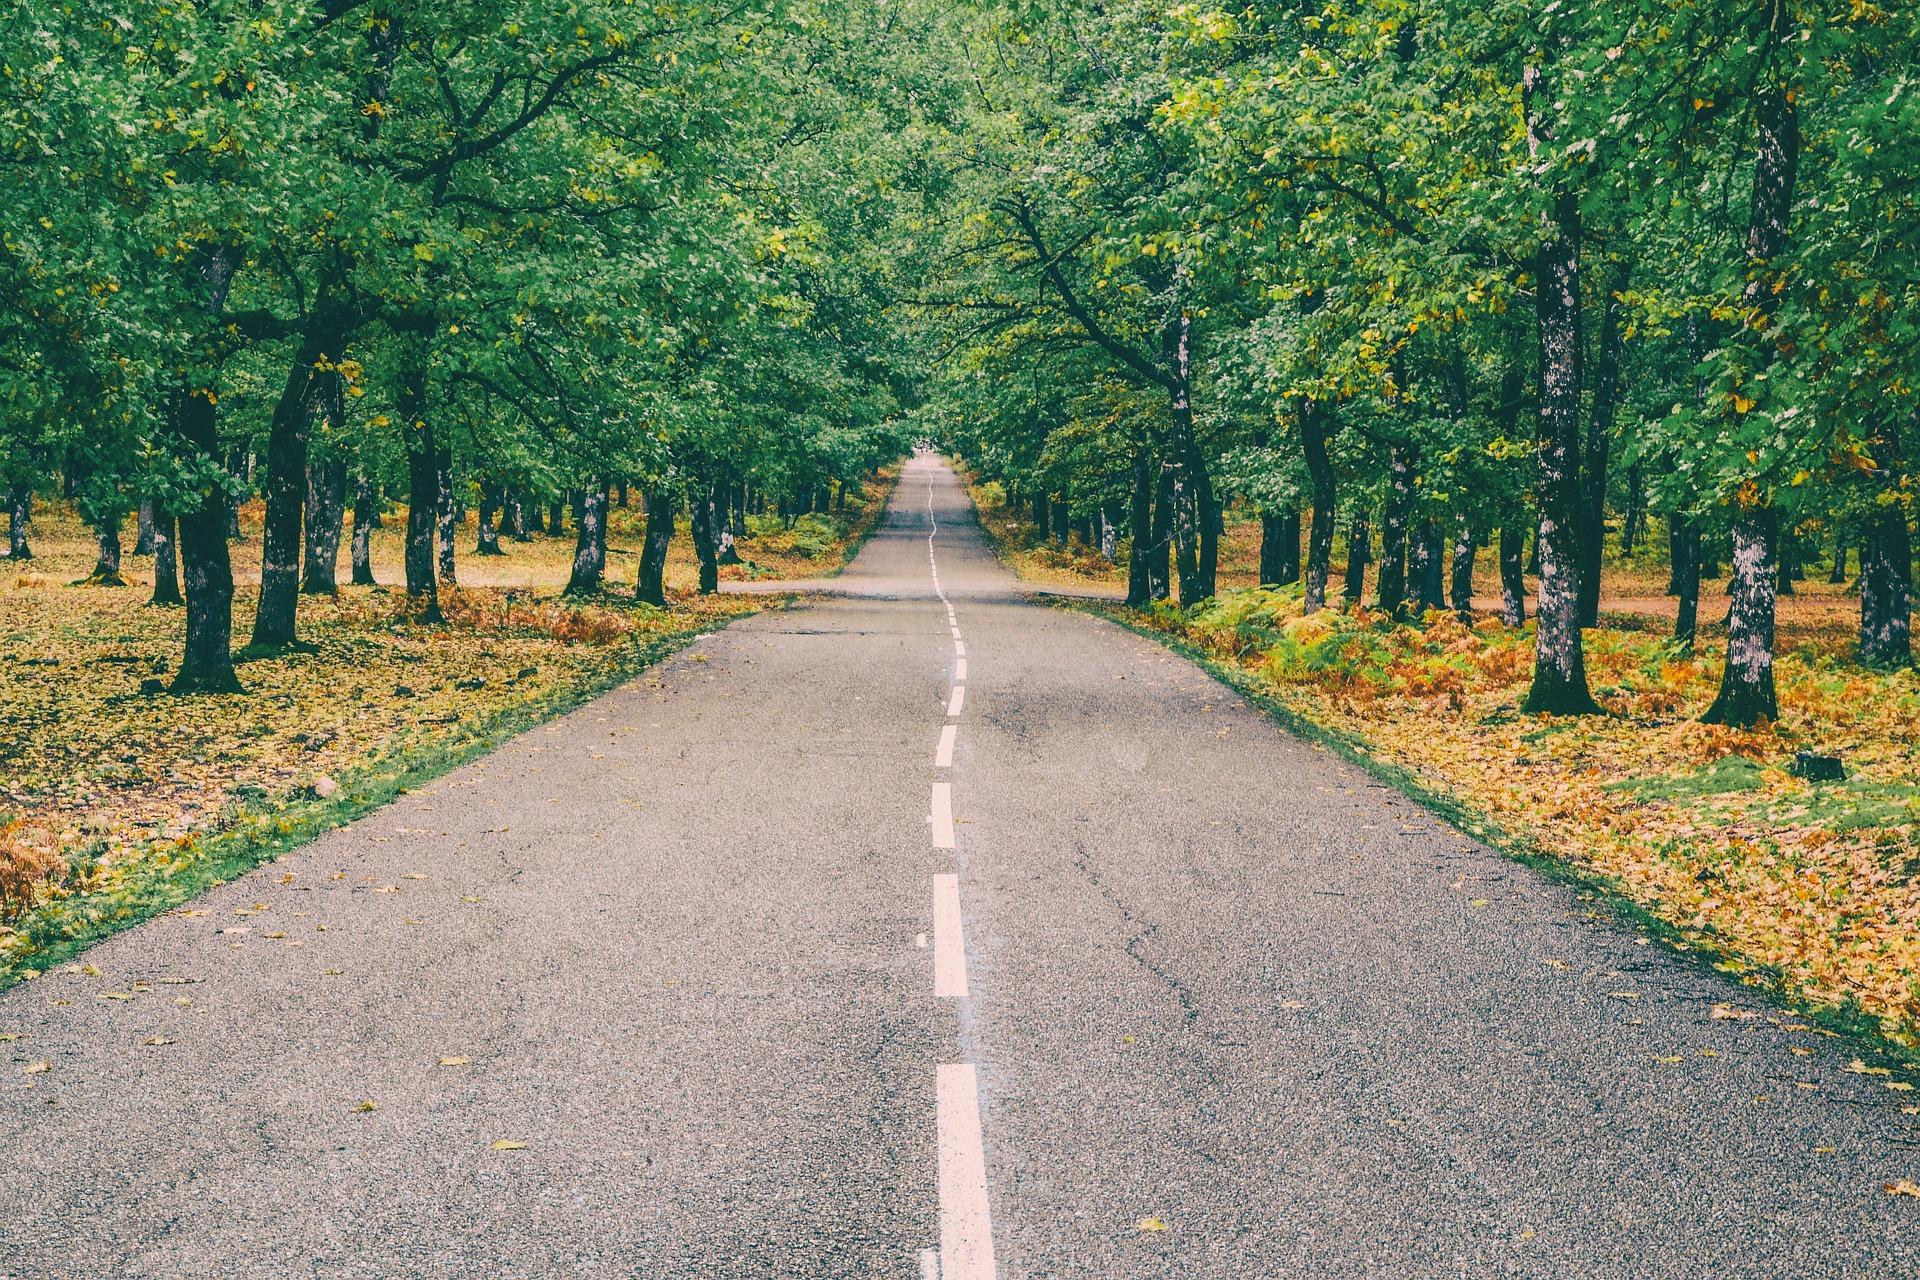 road-2898258_1920 (2).jpg